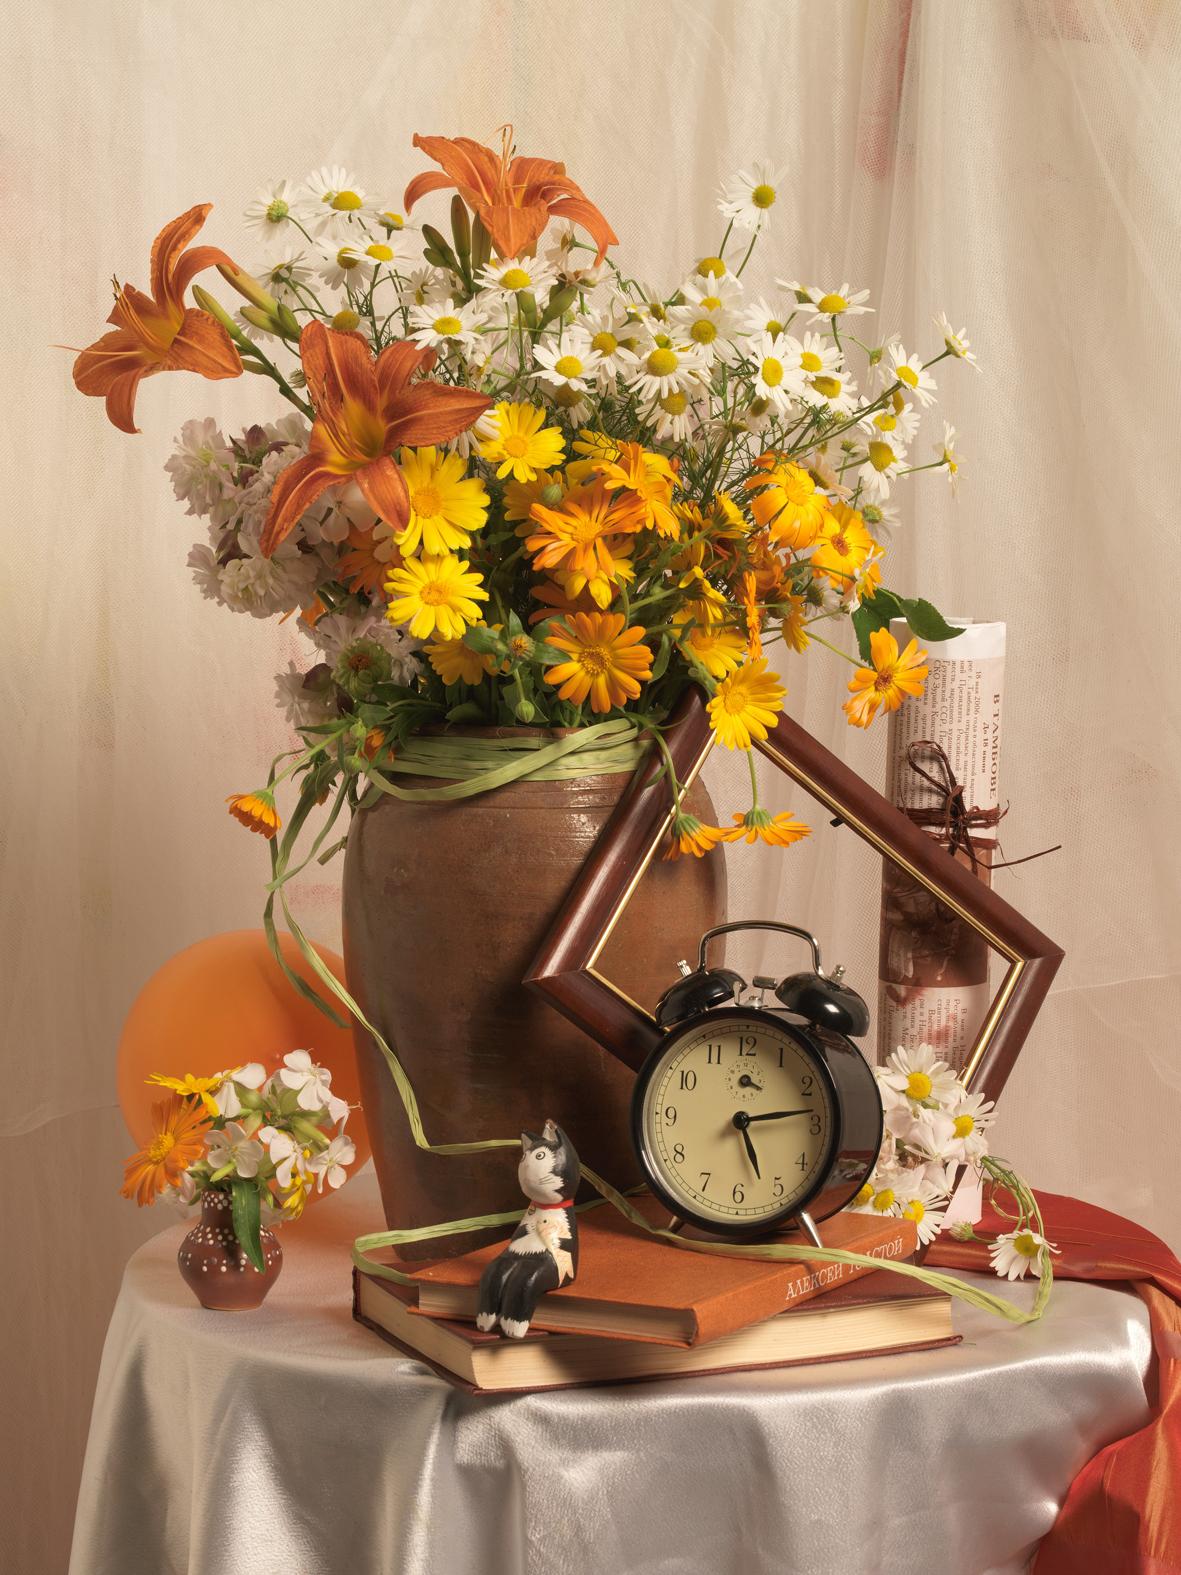 Květiny ve váze potěší každou ženu.